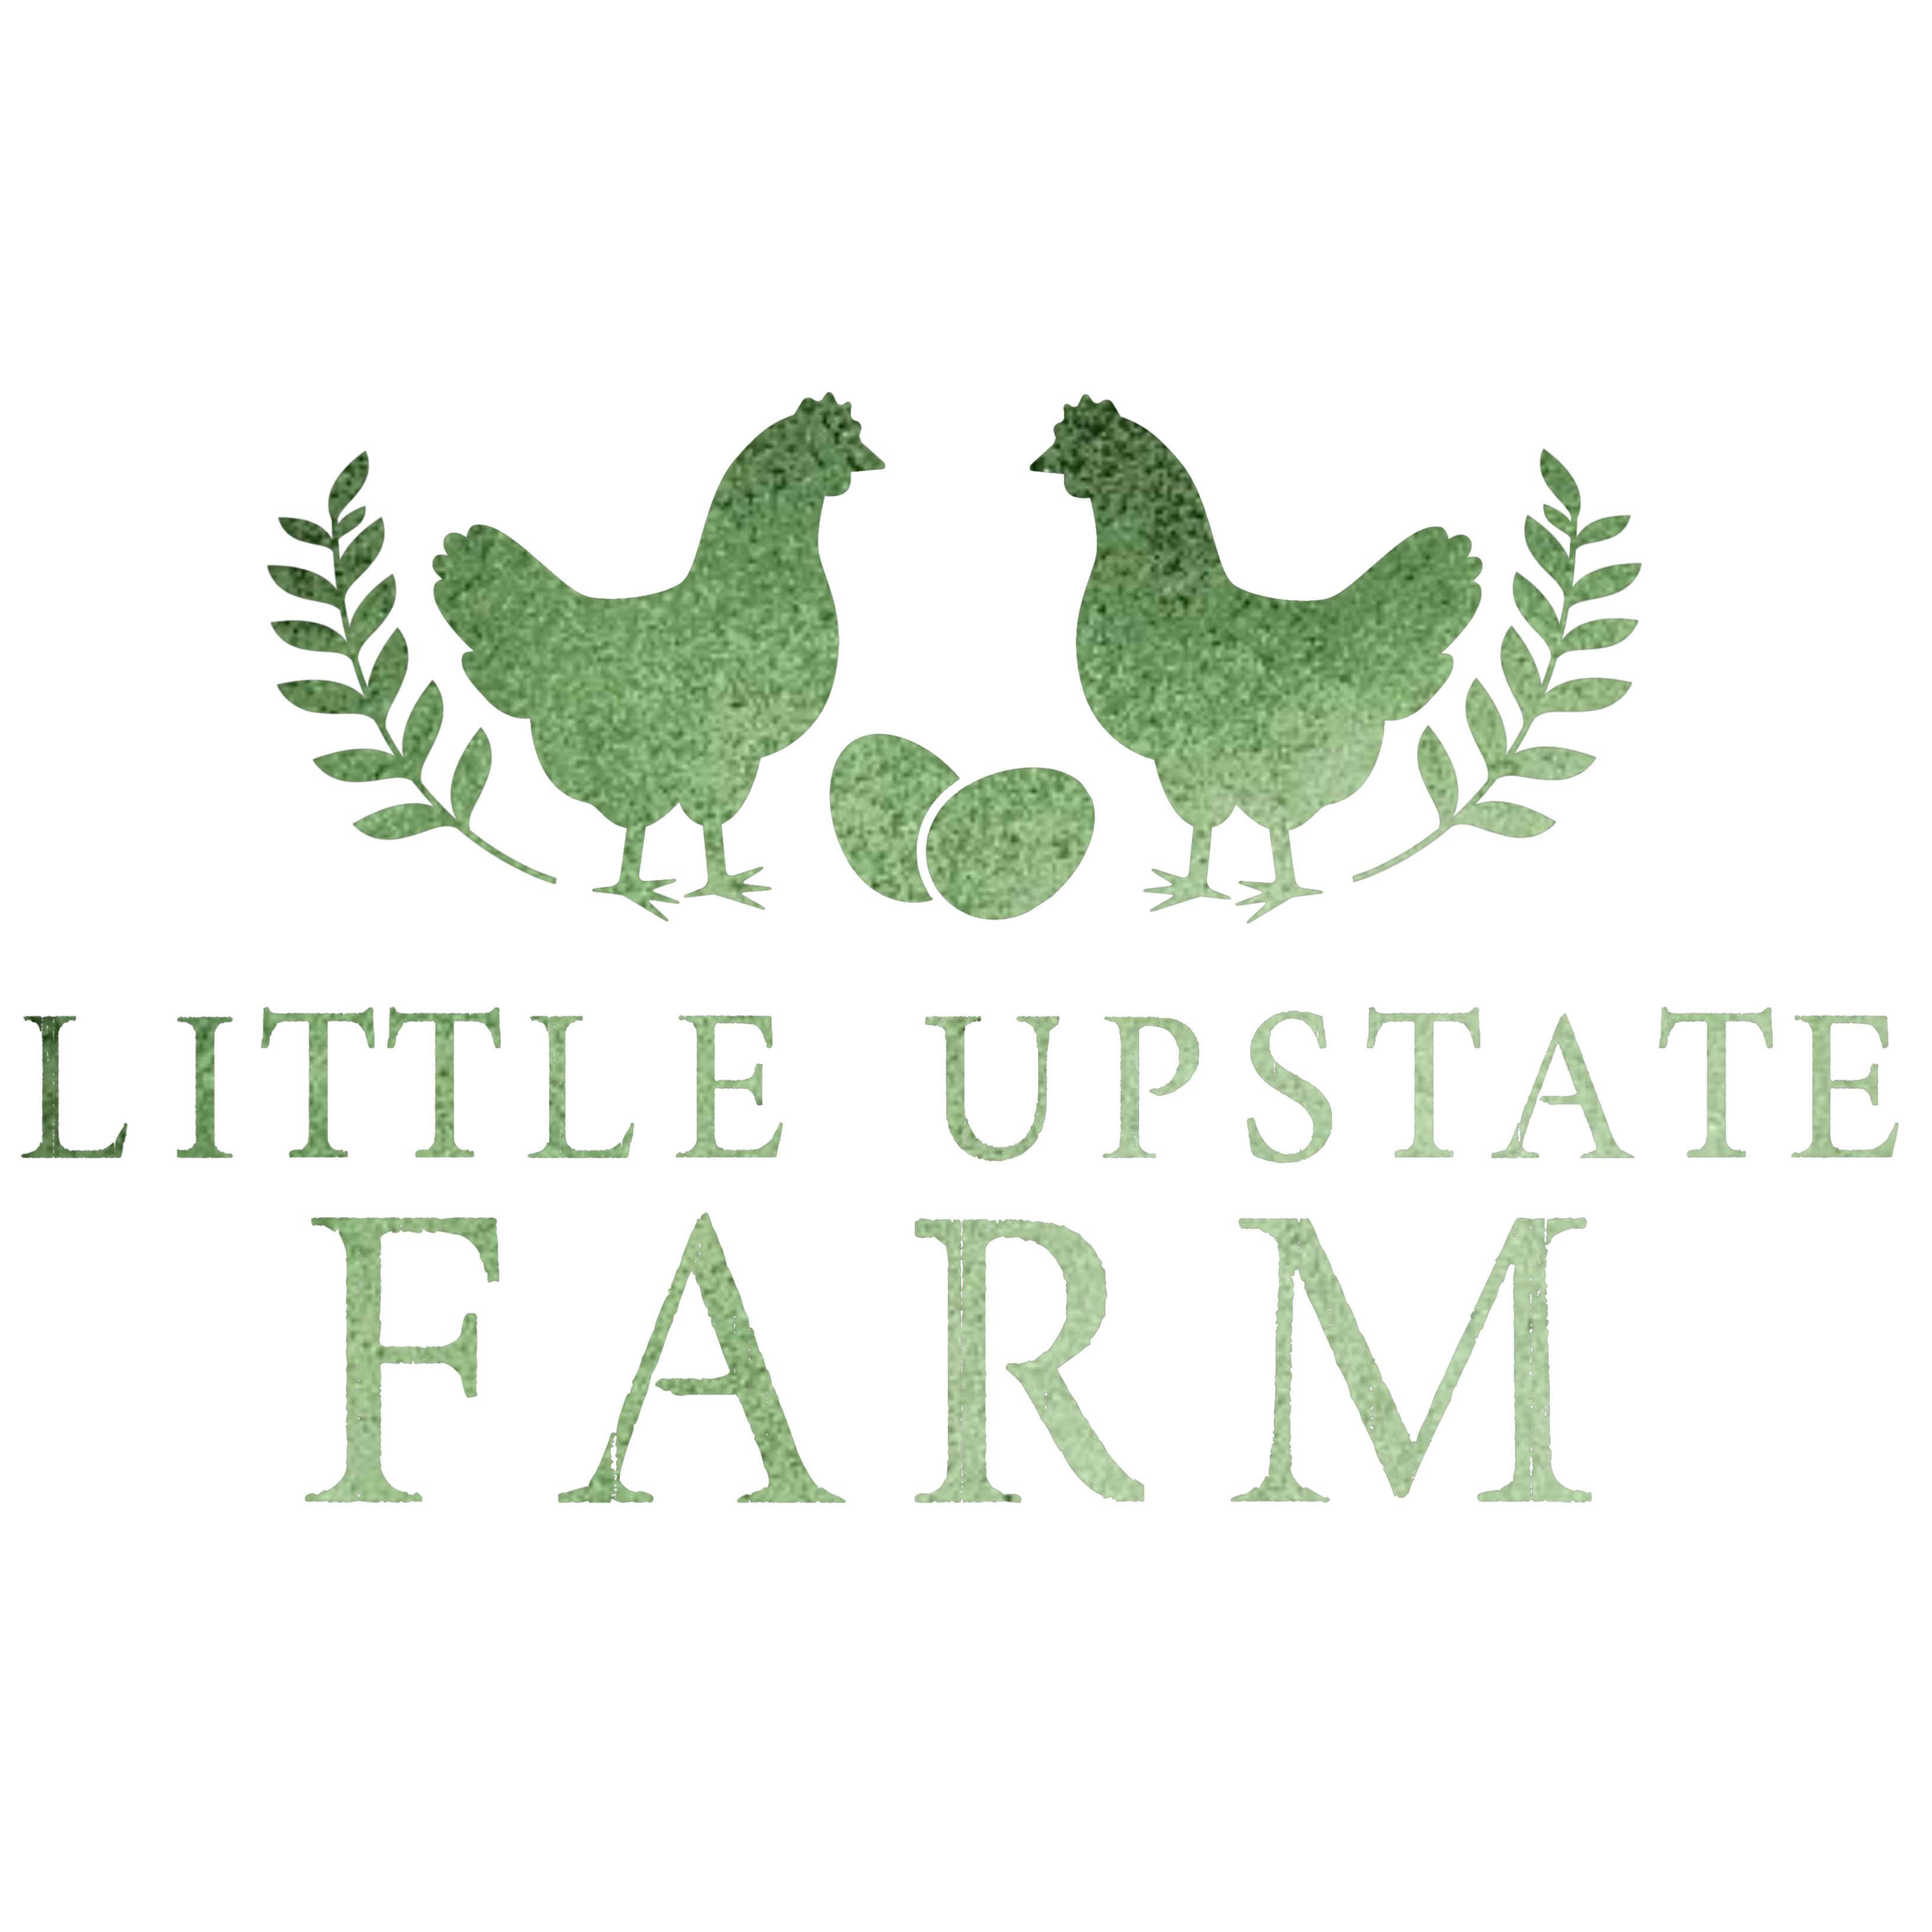 Little Upstate Farm